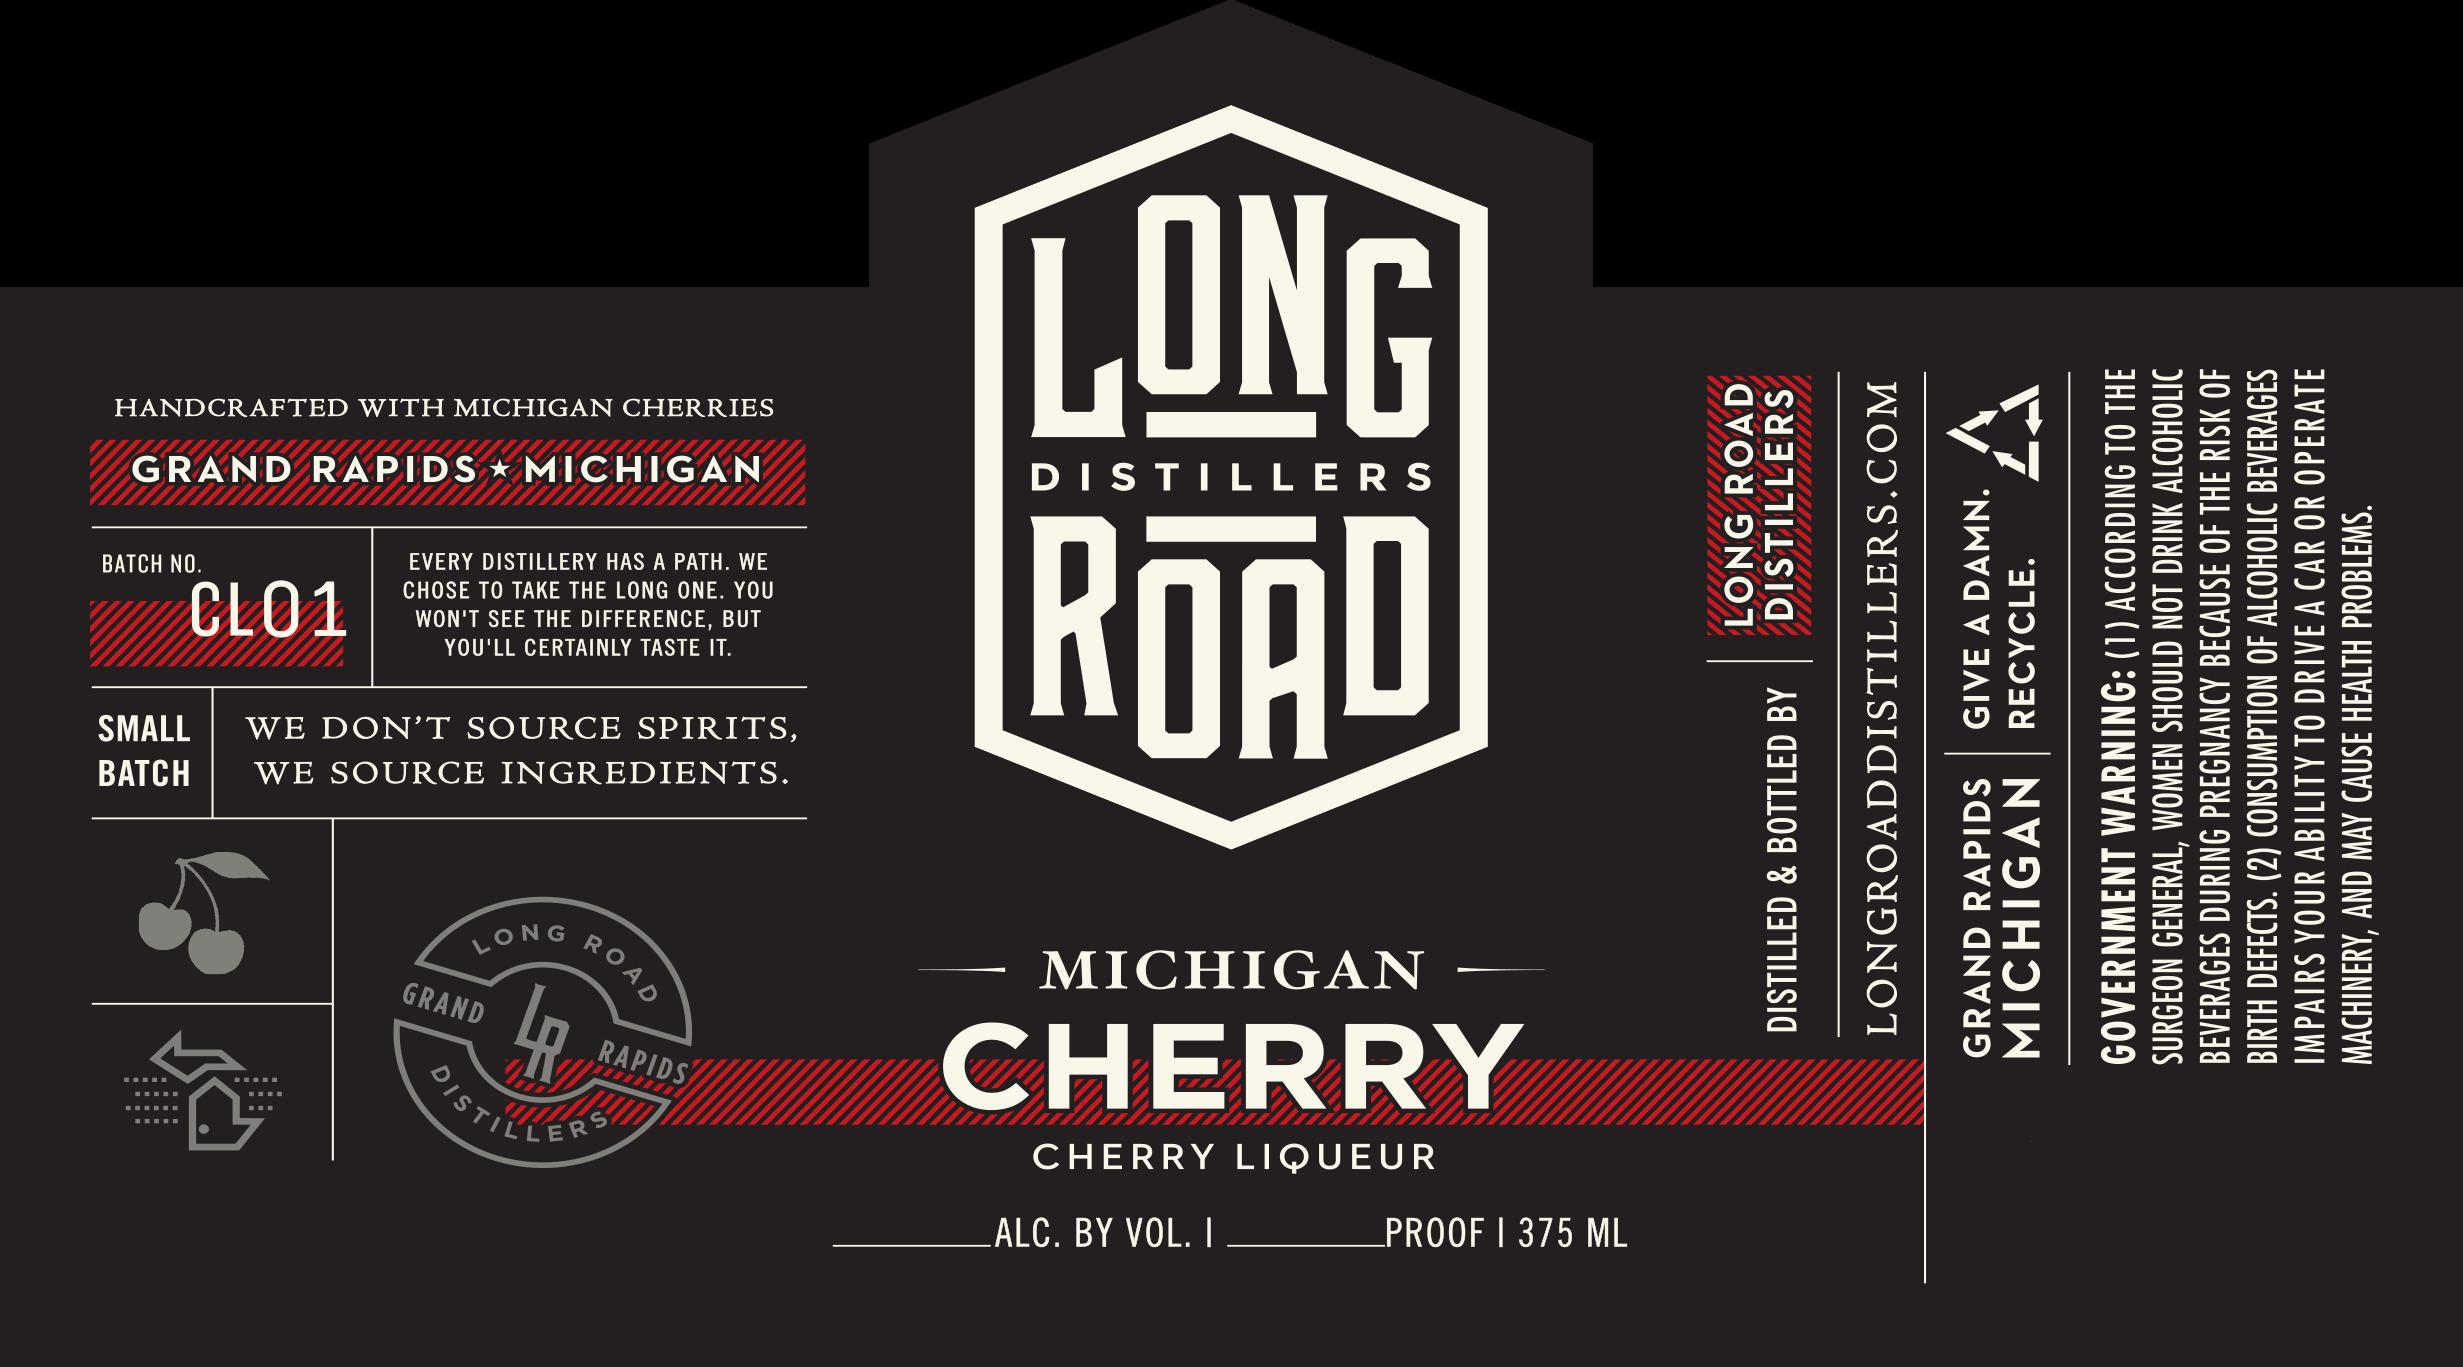 Michigan Cherry Liqueur Long Road Distillers